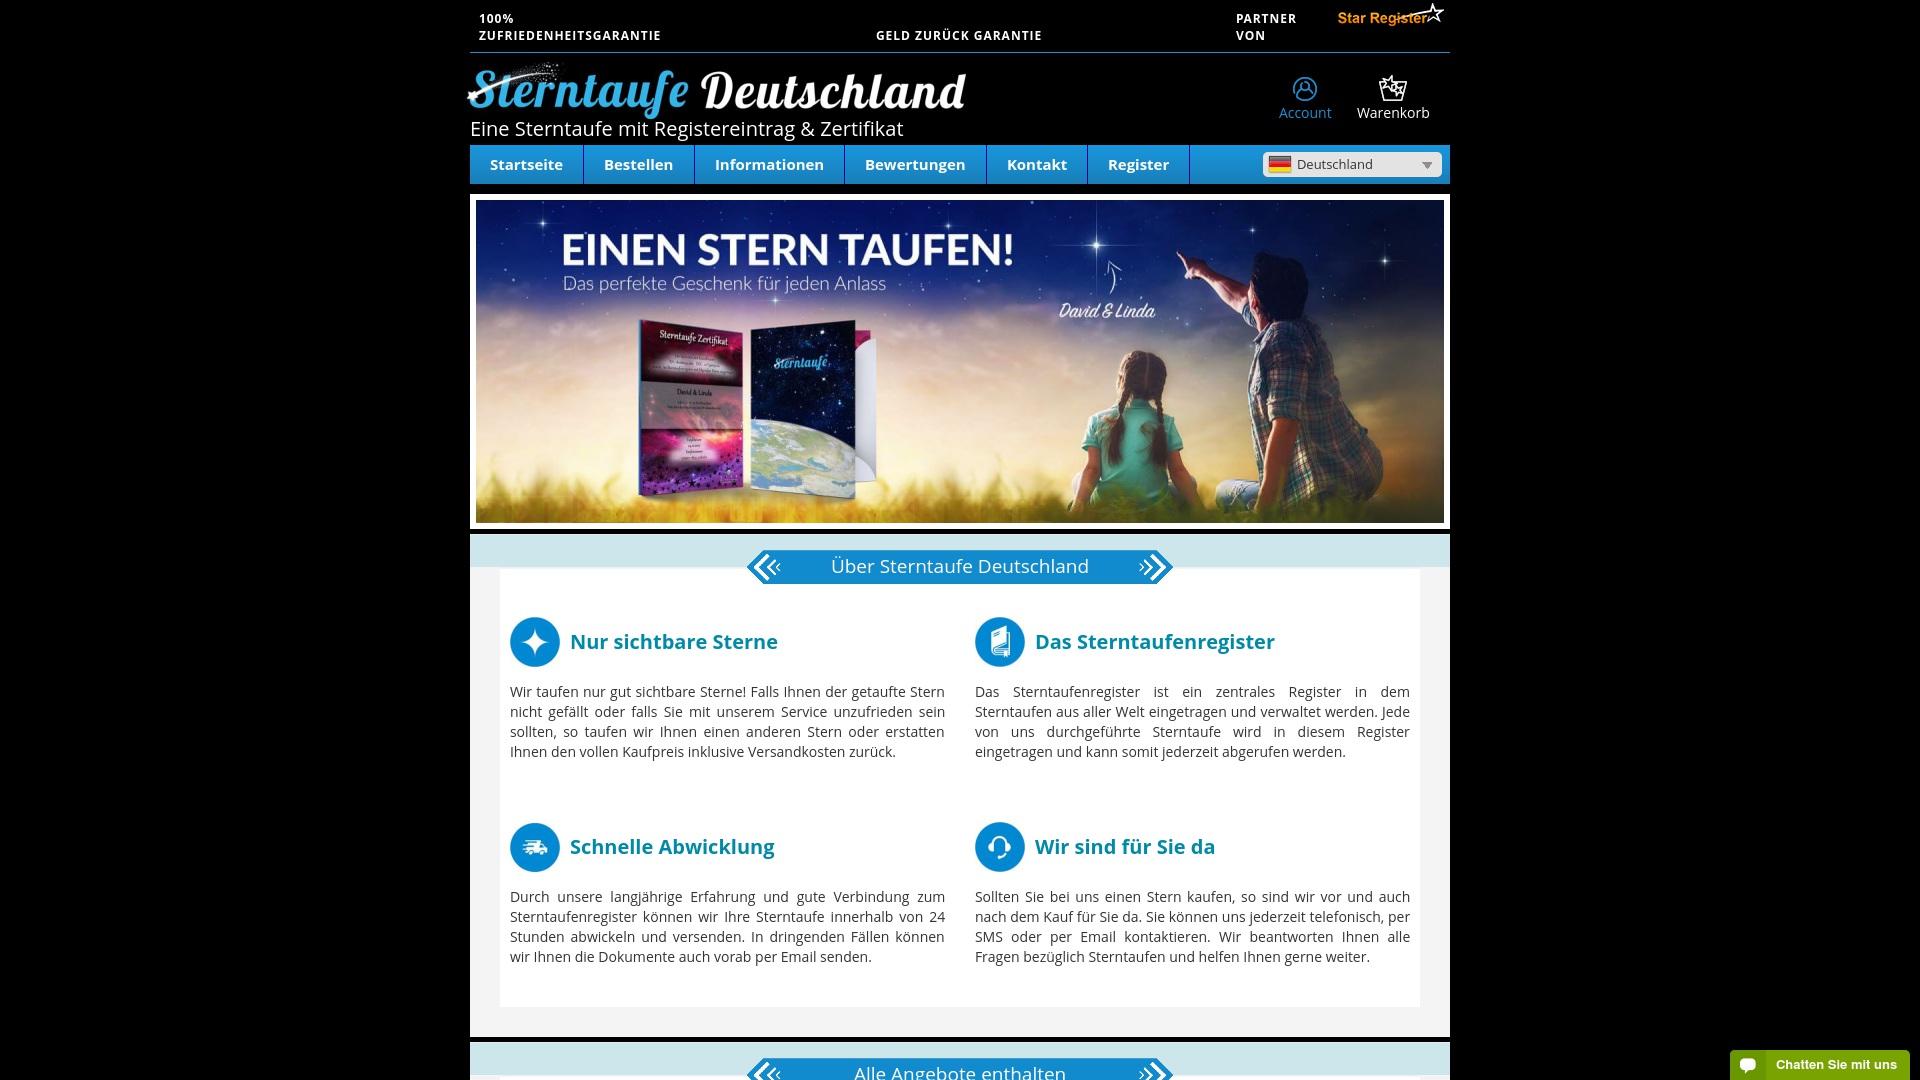 Gutschein für Sterntaufe-deutschland: Rabatte für  Sterntaufe-deutschland sichern